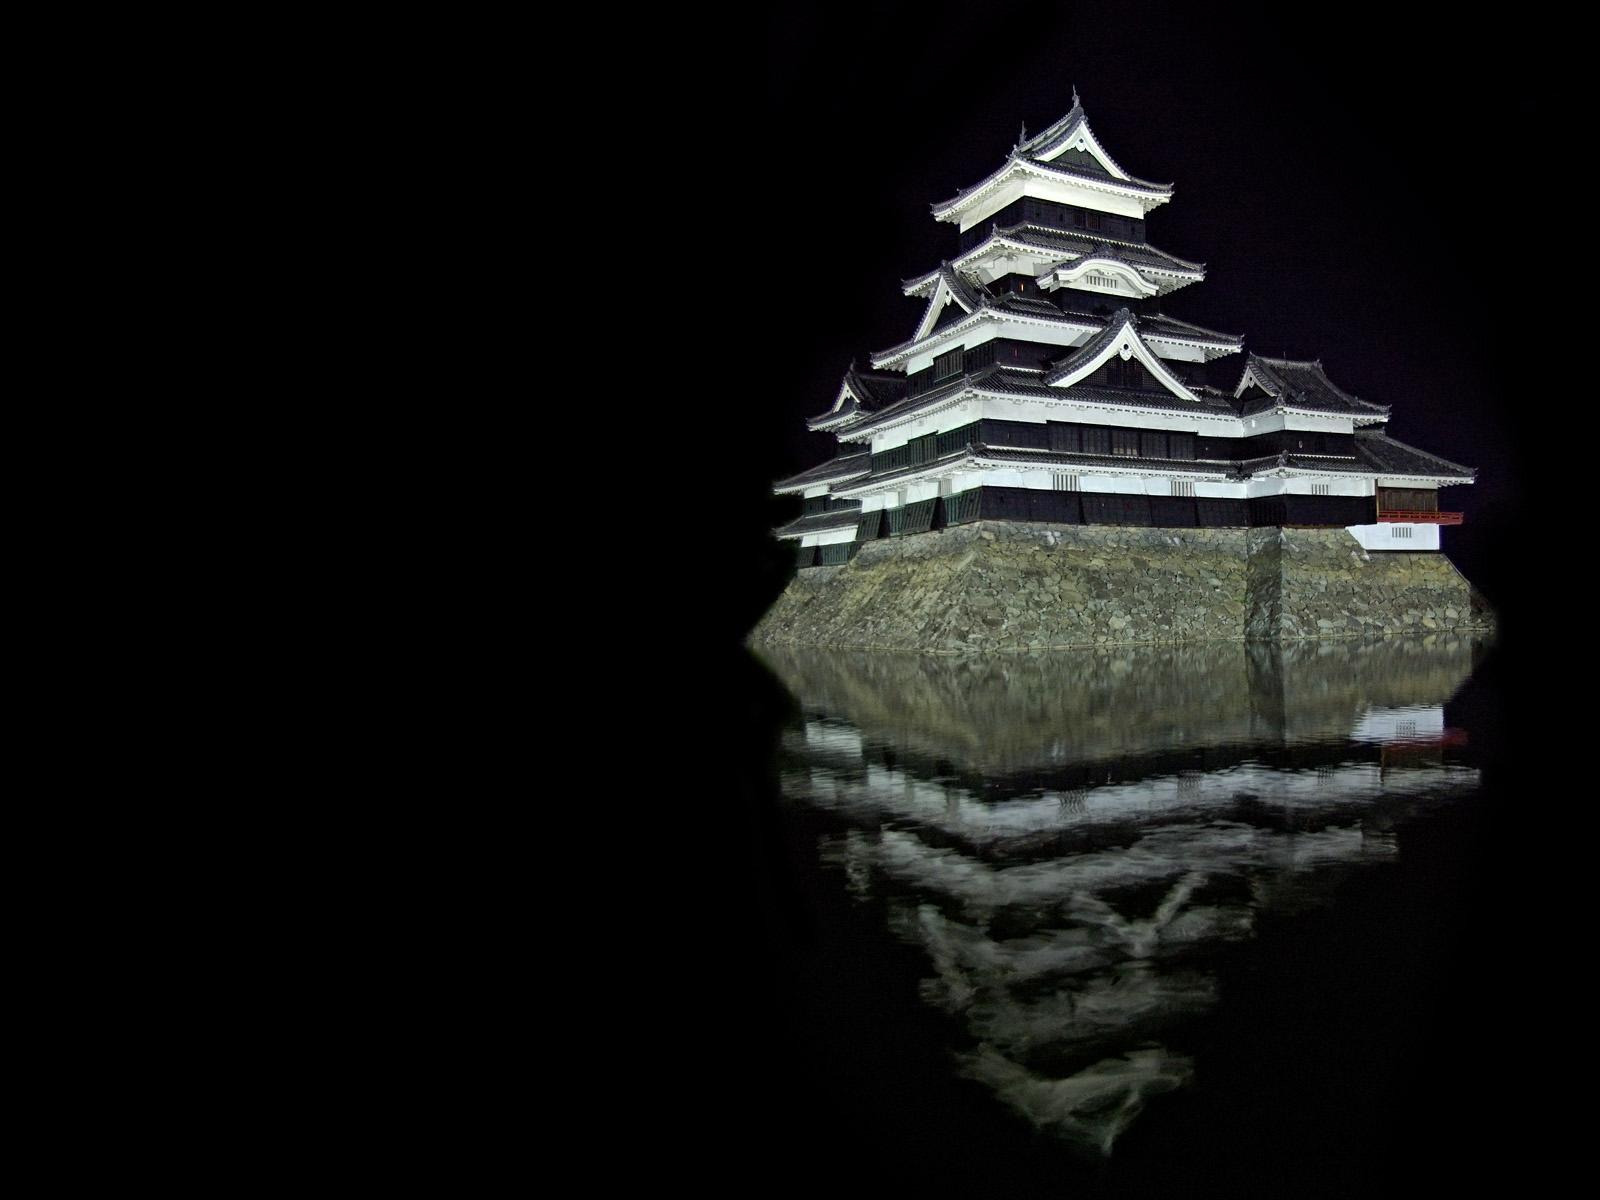 http://1.bp.blogspot.com/-Uk8uZE7qmO4/Tbp9iHMZkuI/AAAAAAAAAag/zmyxyvfGQGc/s1600/Kyoto098.jpg